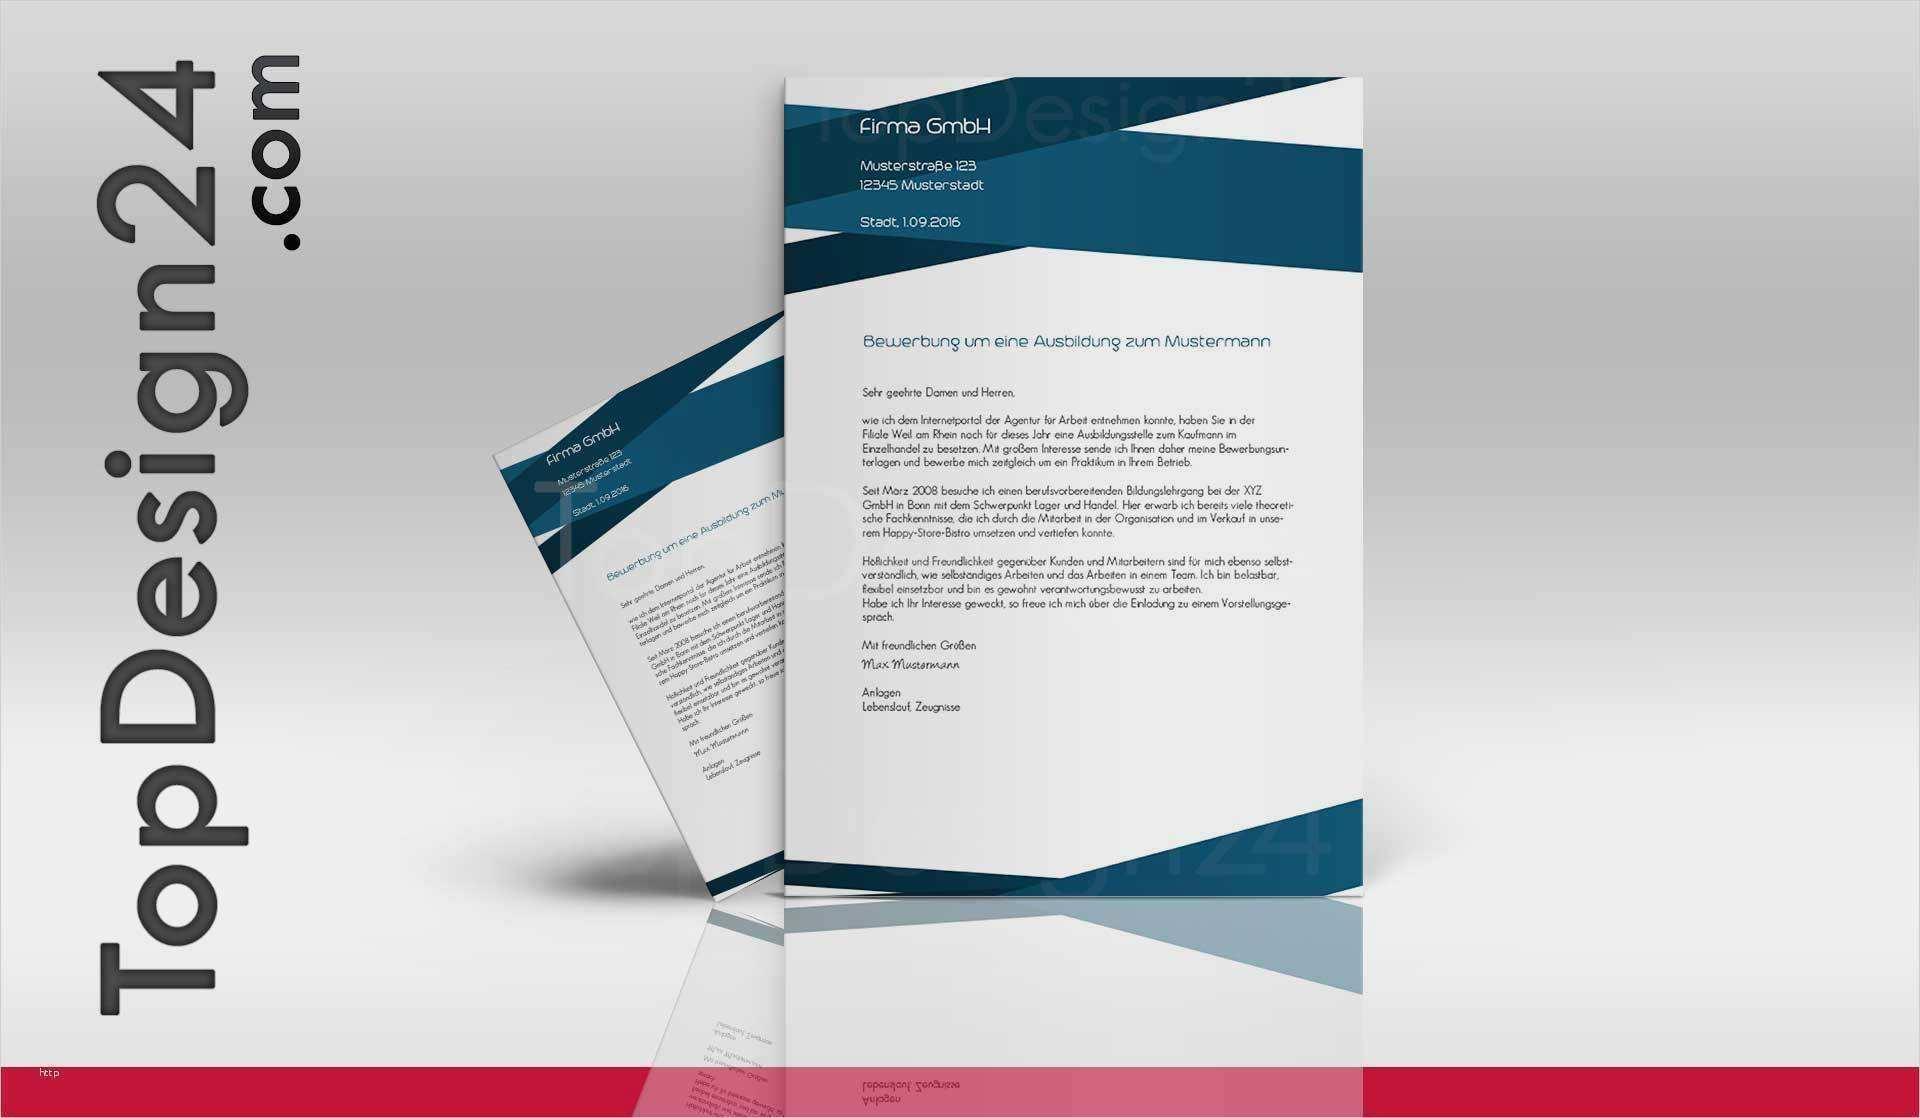 35 Gut Praktikumsbericht Deckblatt Vorlage Download Bilder Deckblatt Vorlage Geschenkgutschein Vorlage Vorlagen